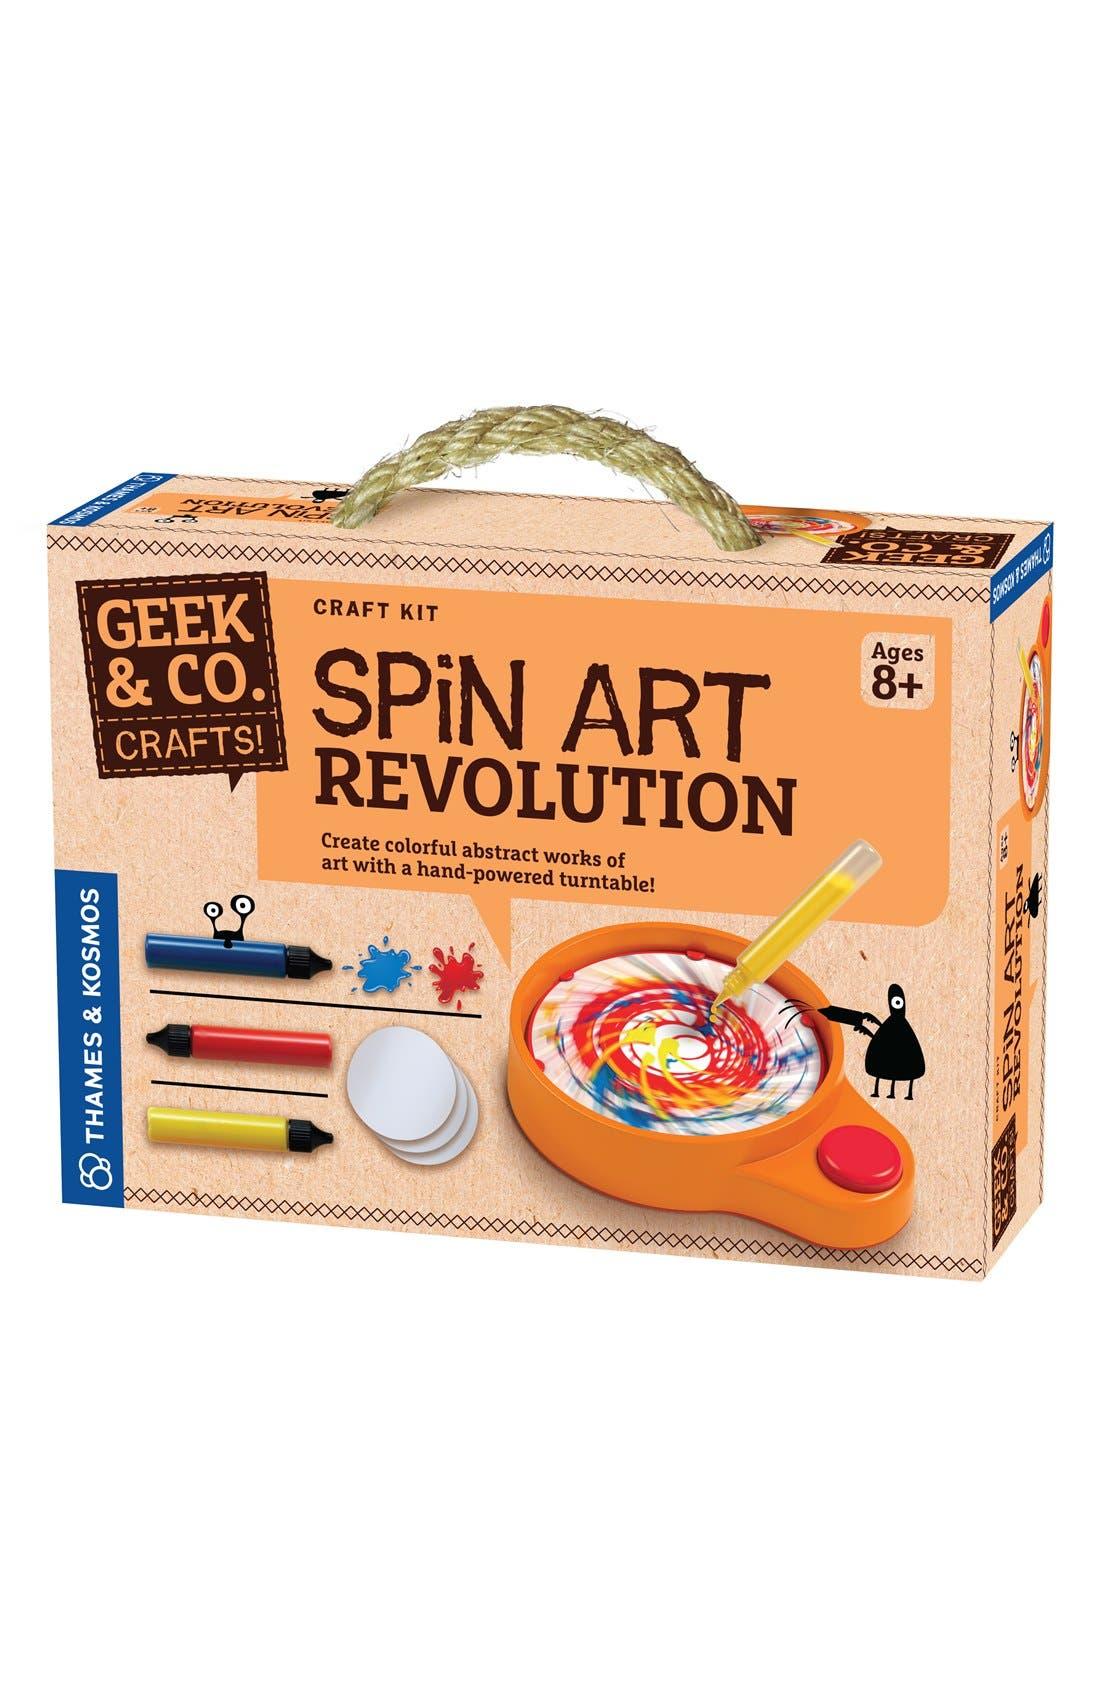 Thames & Kosmos 'Spin Art Revolution' Craft Kit